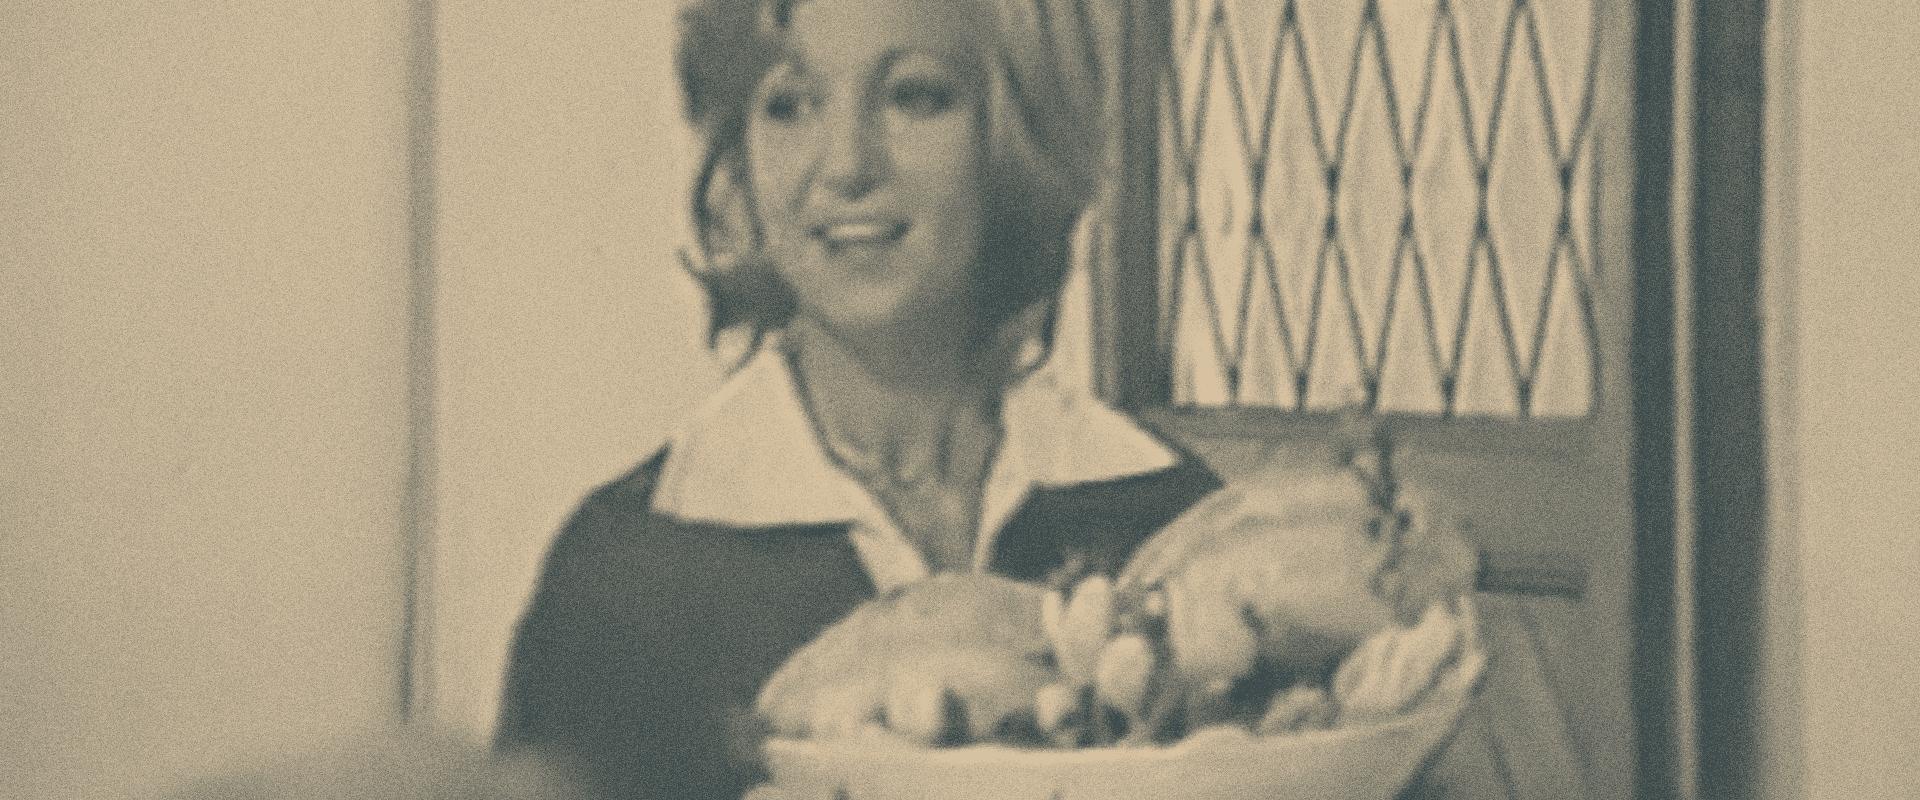 veronesi_comunicazione_1970